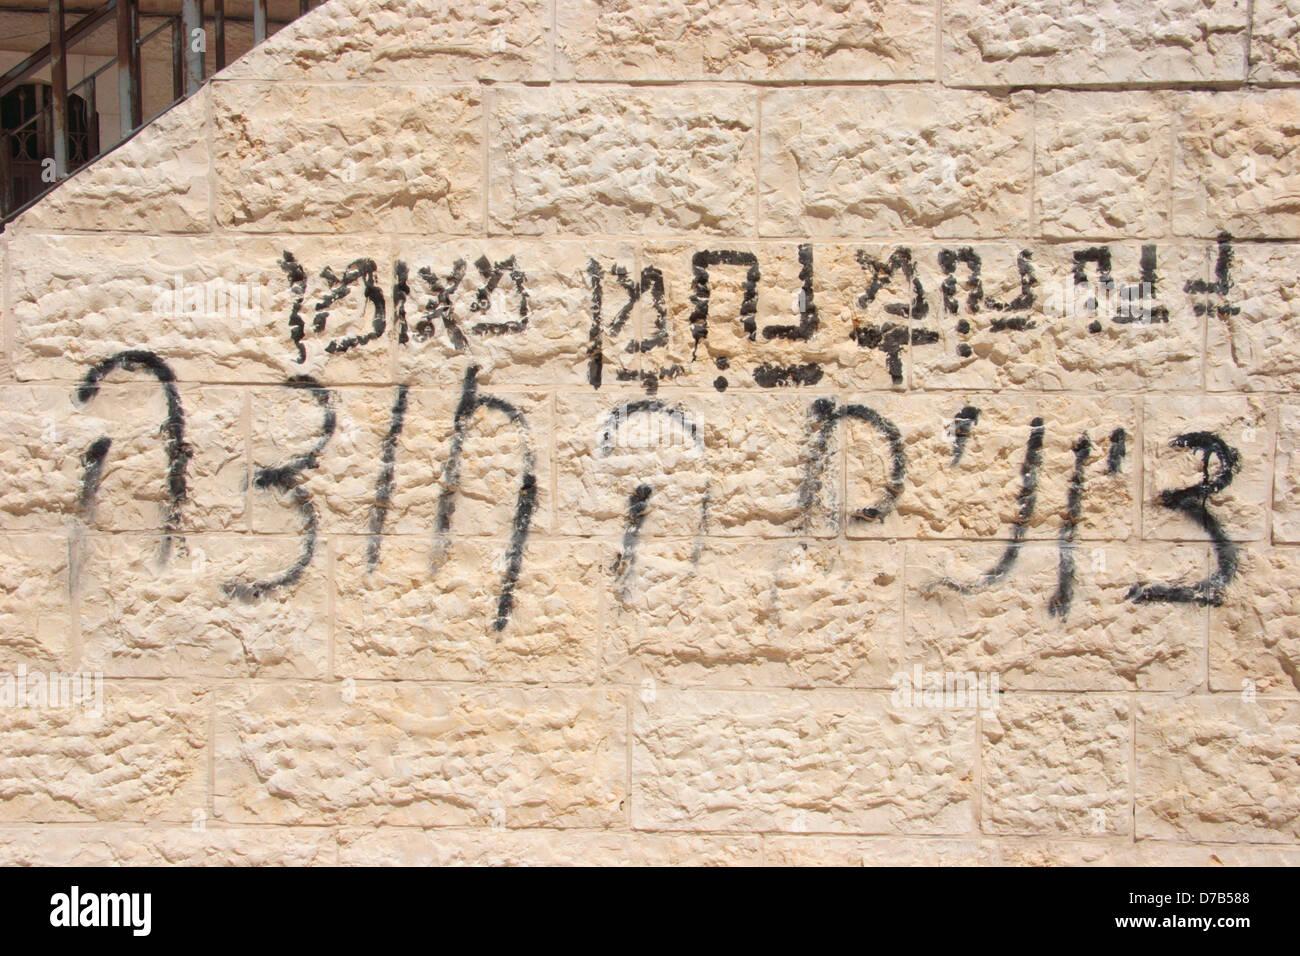 Graffiti en Mea Shearim, en Jerusalén (2005). Imagen De Stock